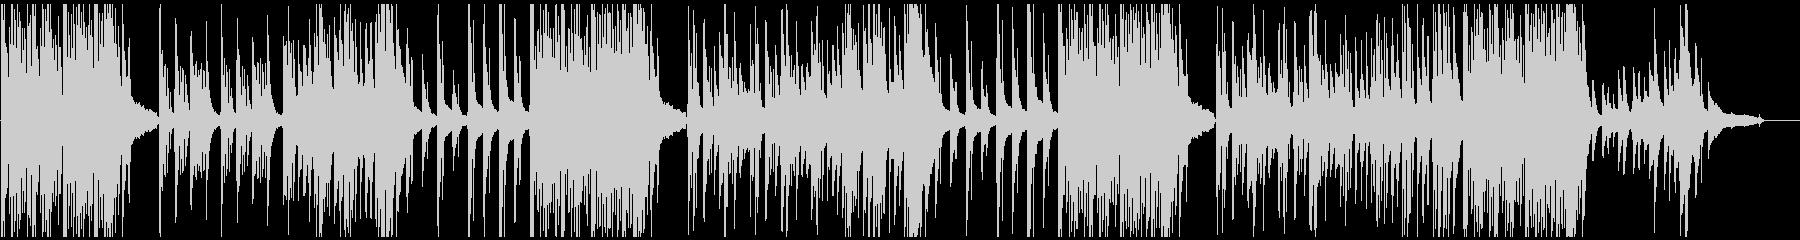 3拍子のピアノソロ曲の未再生の波形